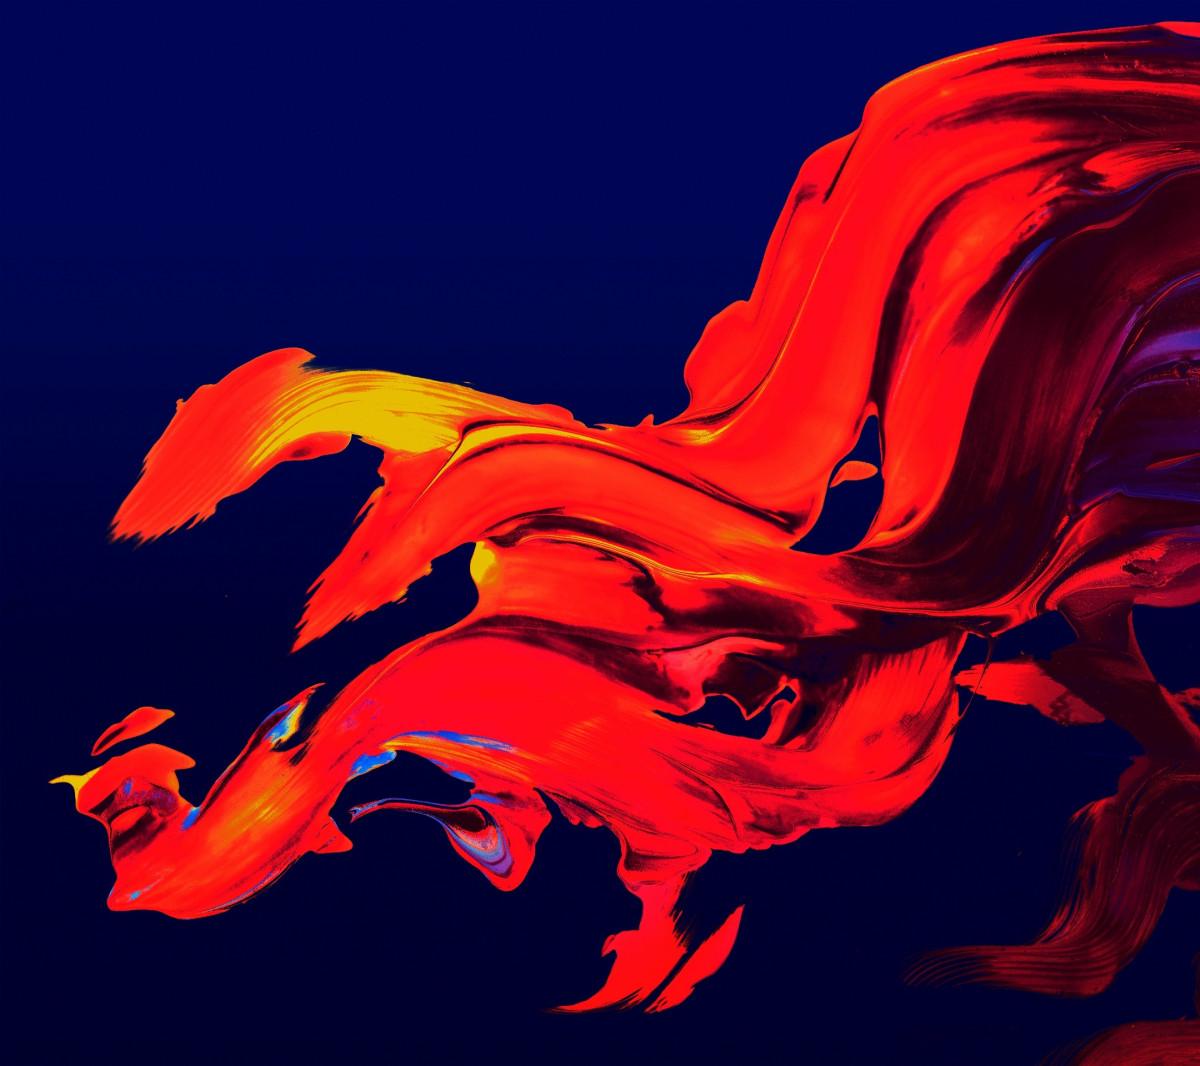 Fotoğraf Kanat Soyut çiçek Kırmızı Alev Boyama Illüstrasyon